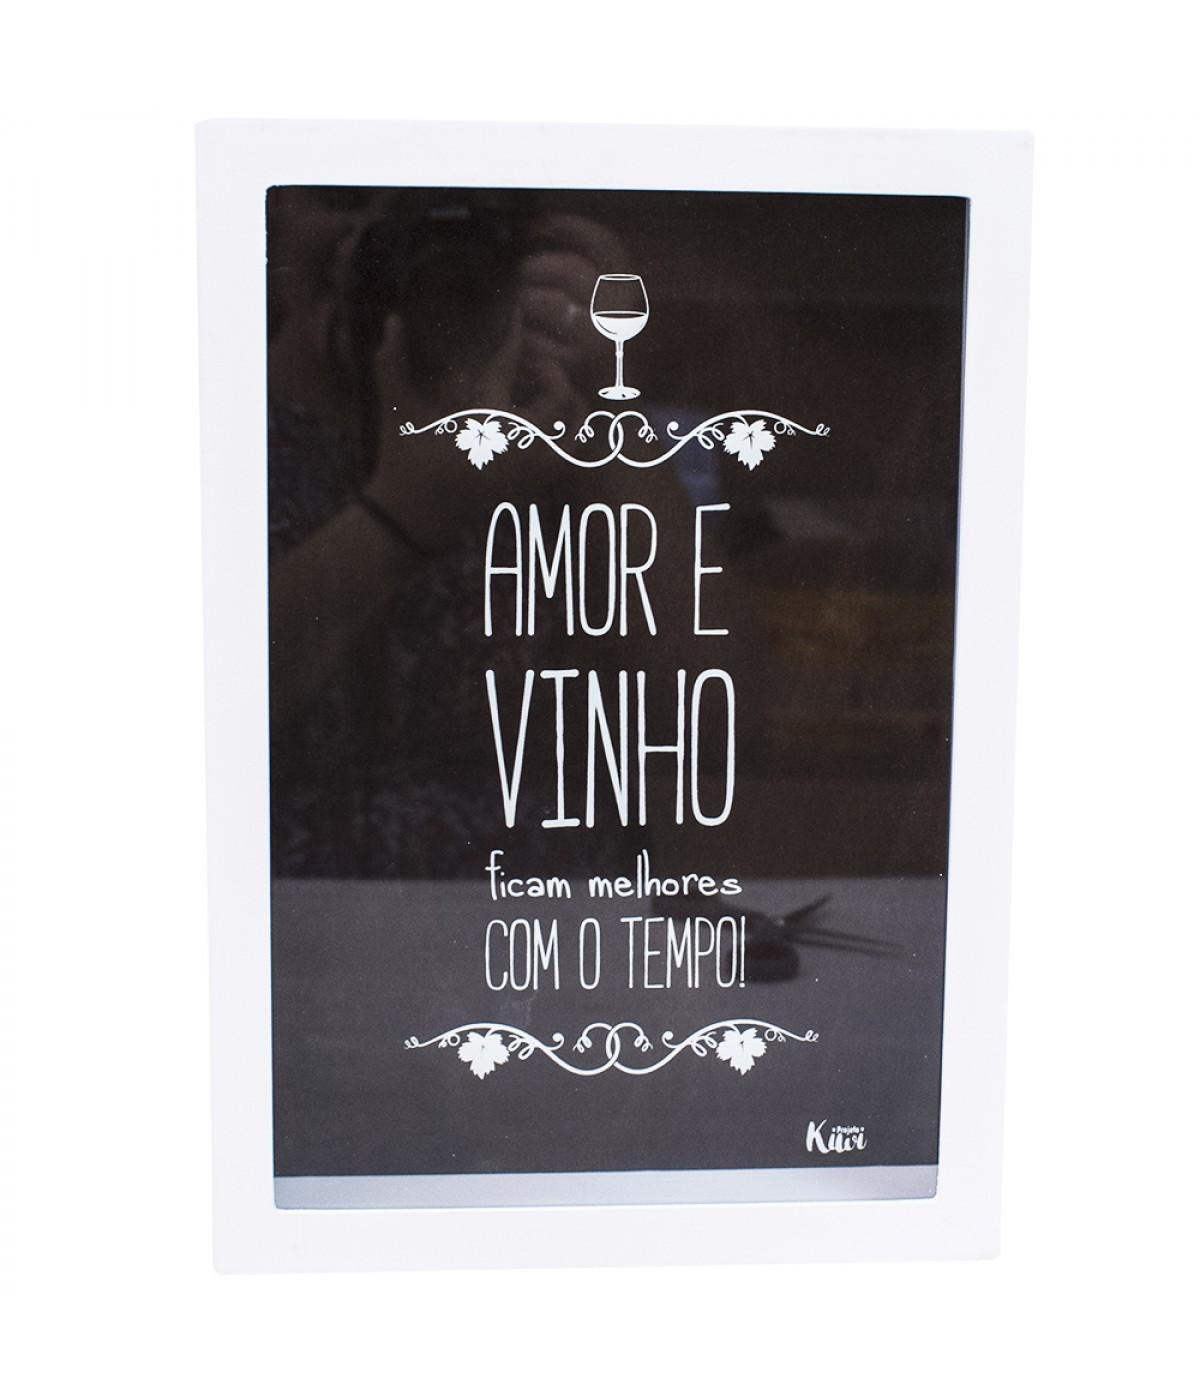 Porta rolhas branco Amor e vinho ficam melhores com o tempo! - Projeto Kiwi